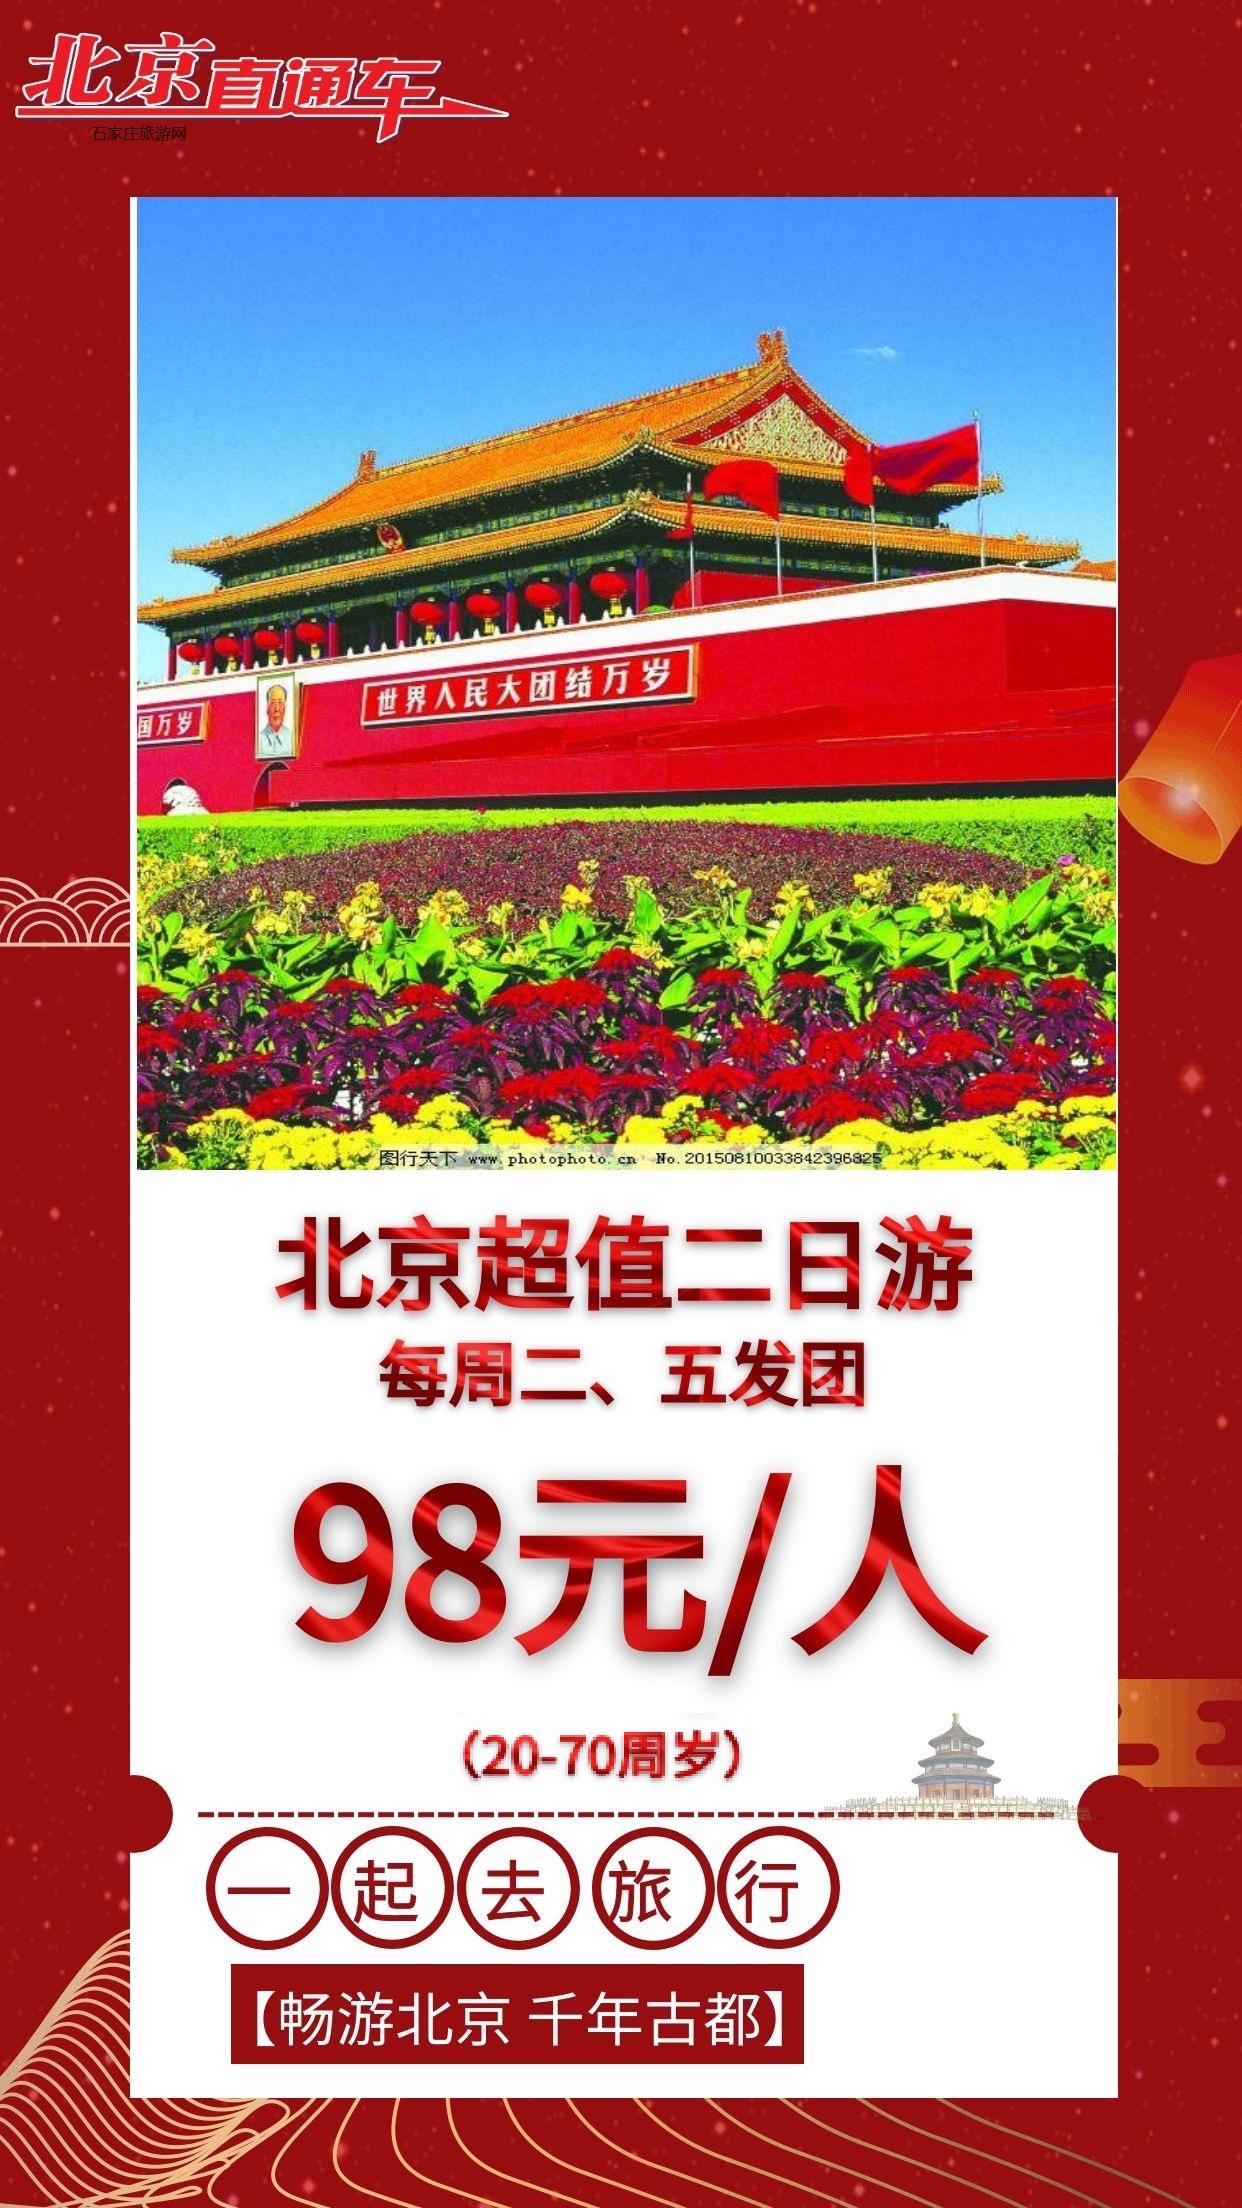 特惠丨北京超值二日游98元/人